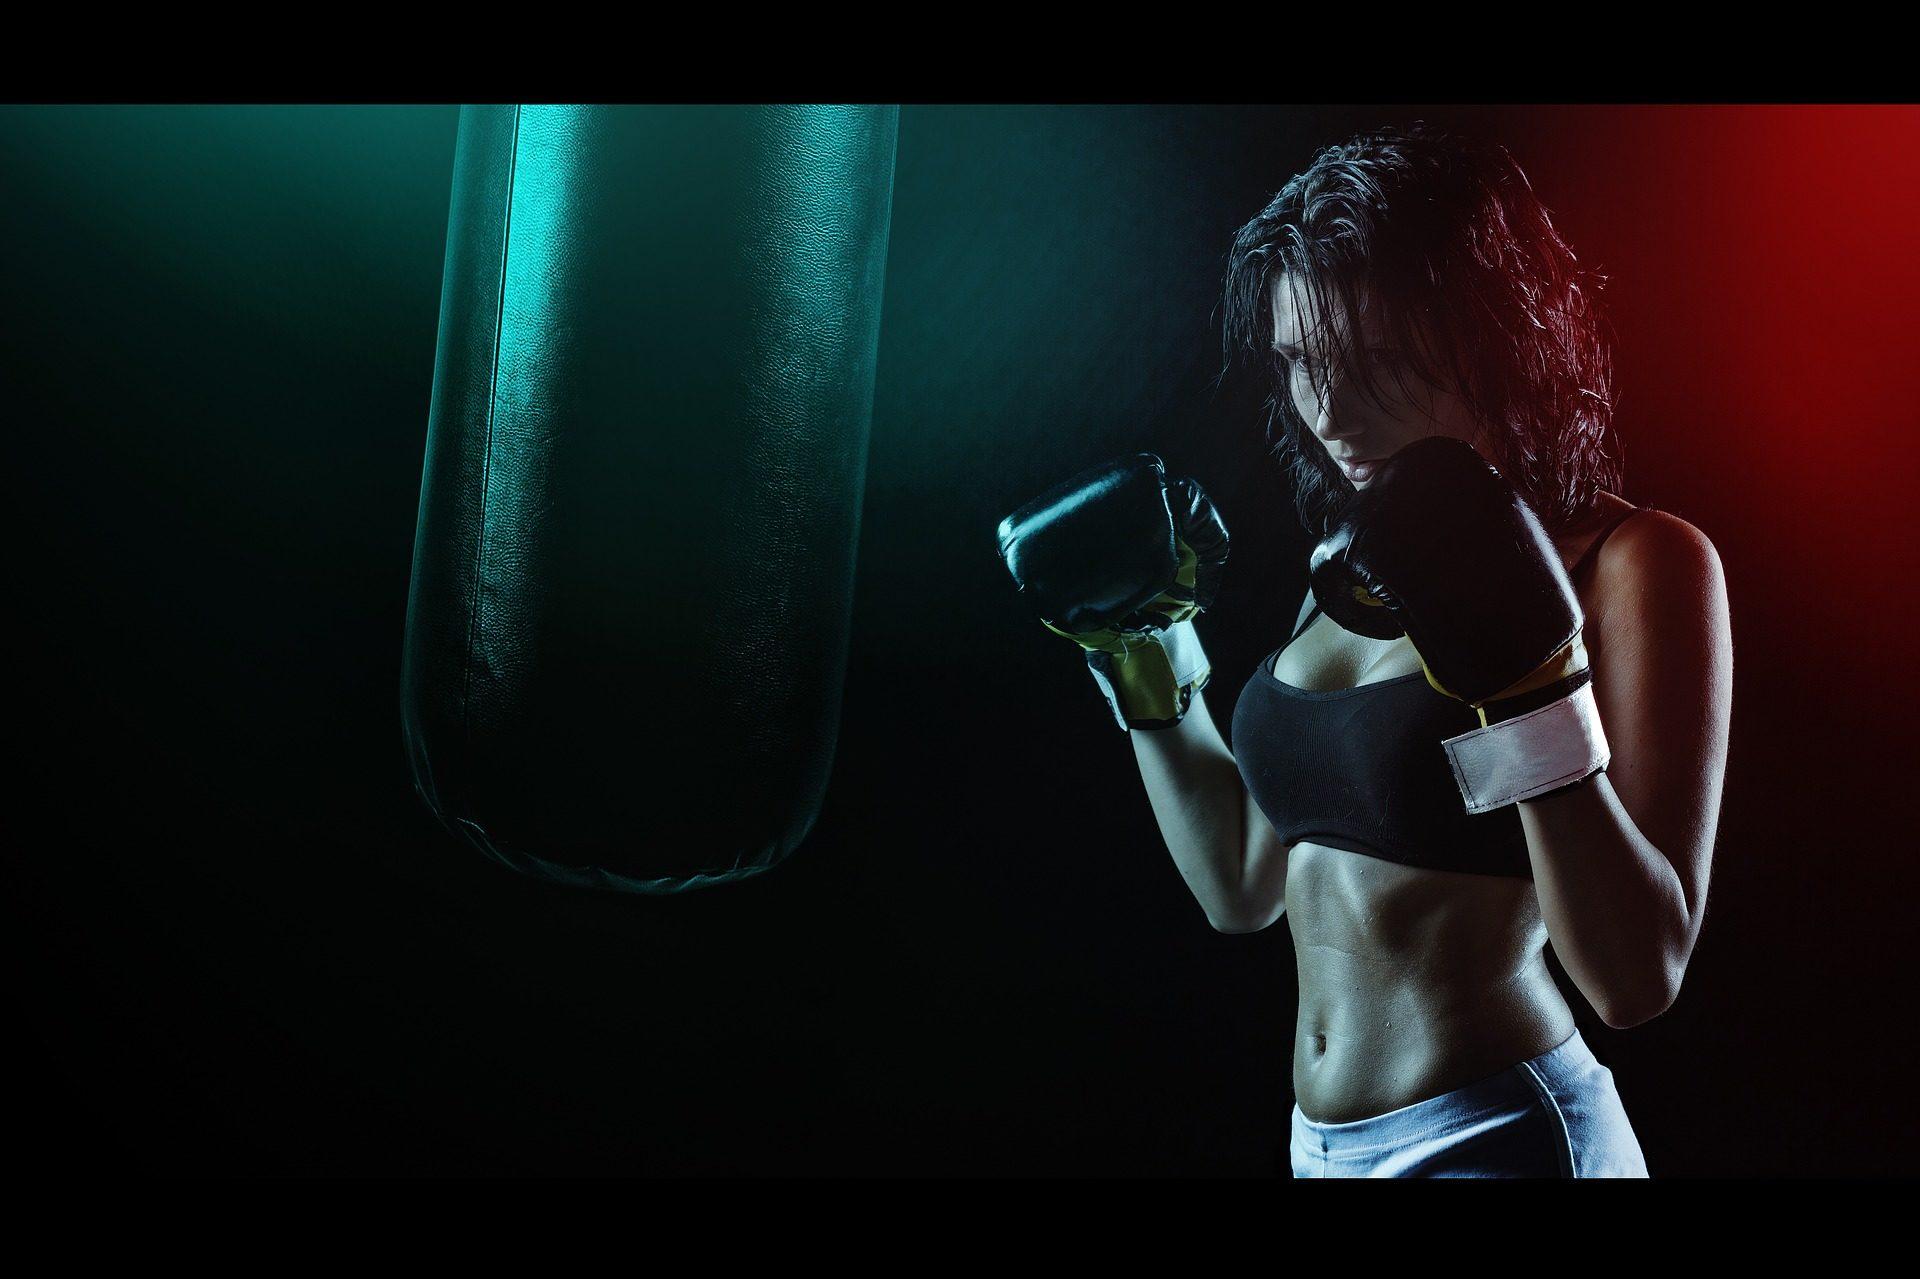 Frau, Boxerin, Boxen, Handschuhe, Sport, Leidenschaft, Wettbewerb - Wallpaper HD - Prof.-falken.com